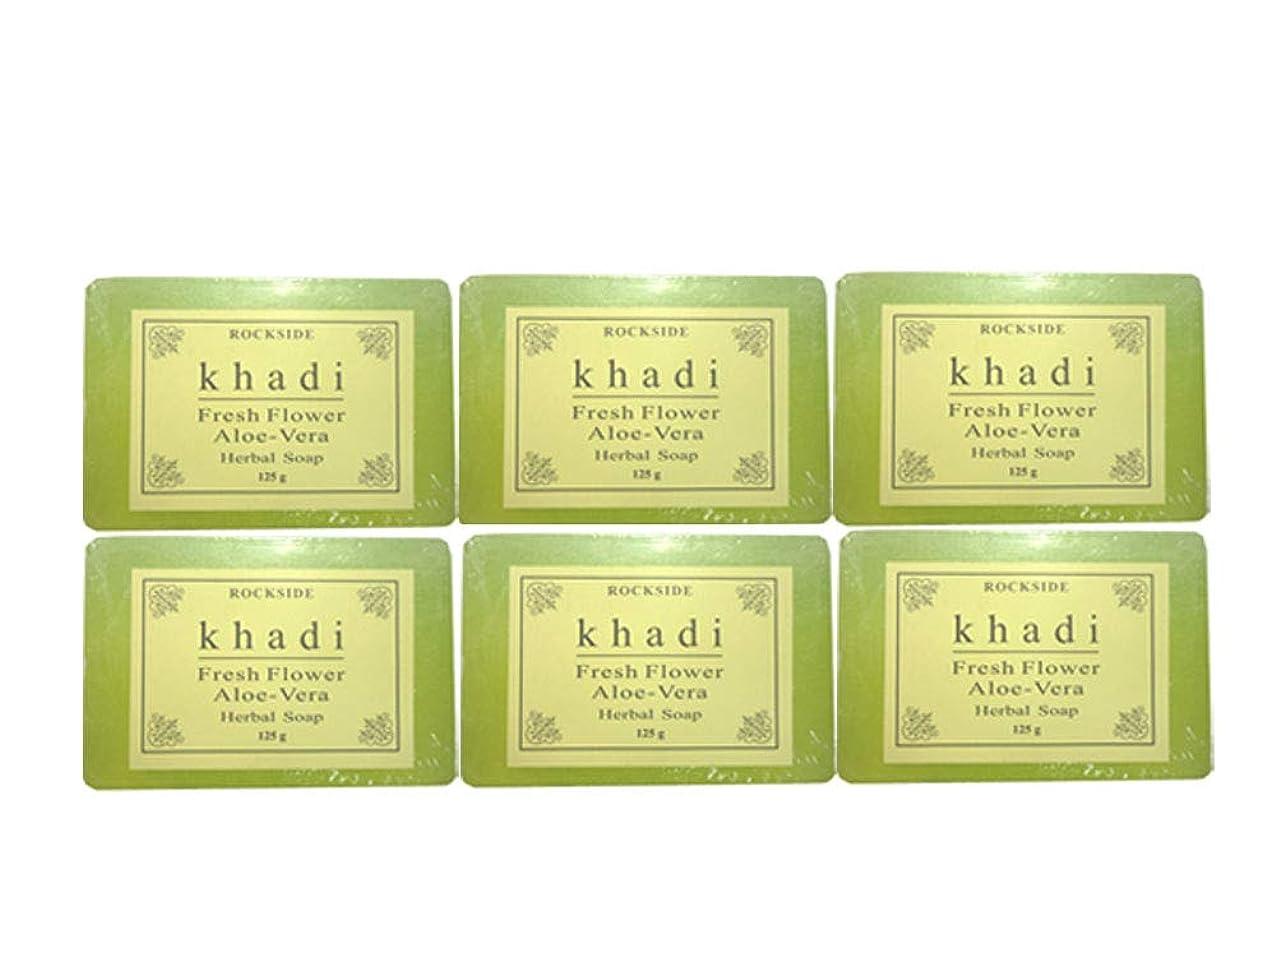 スリチンモイモス警報手作り カーディ フレッシュフラワー2 ハーバルソープ Khadi Fresh Flower Aloe-Vera Herbal Soap 6個SET